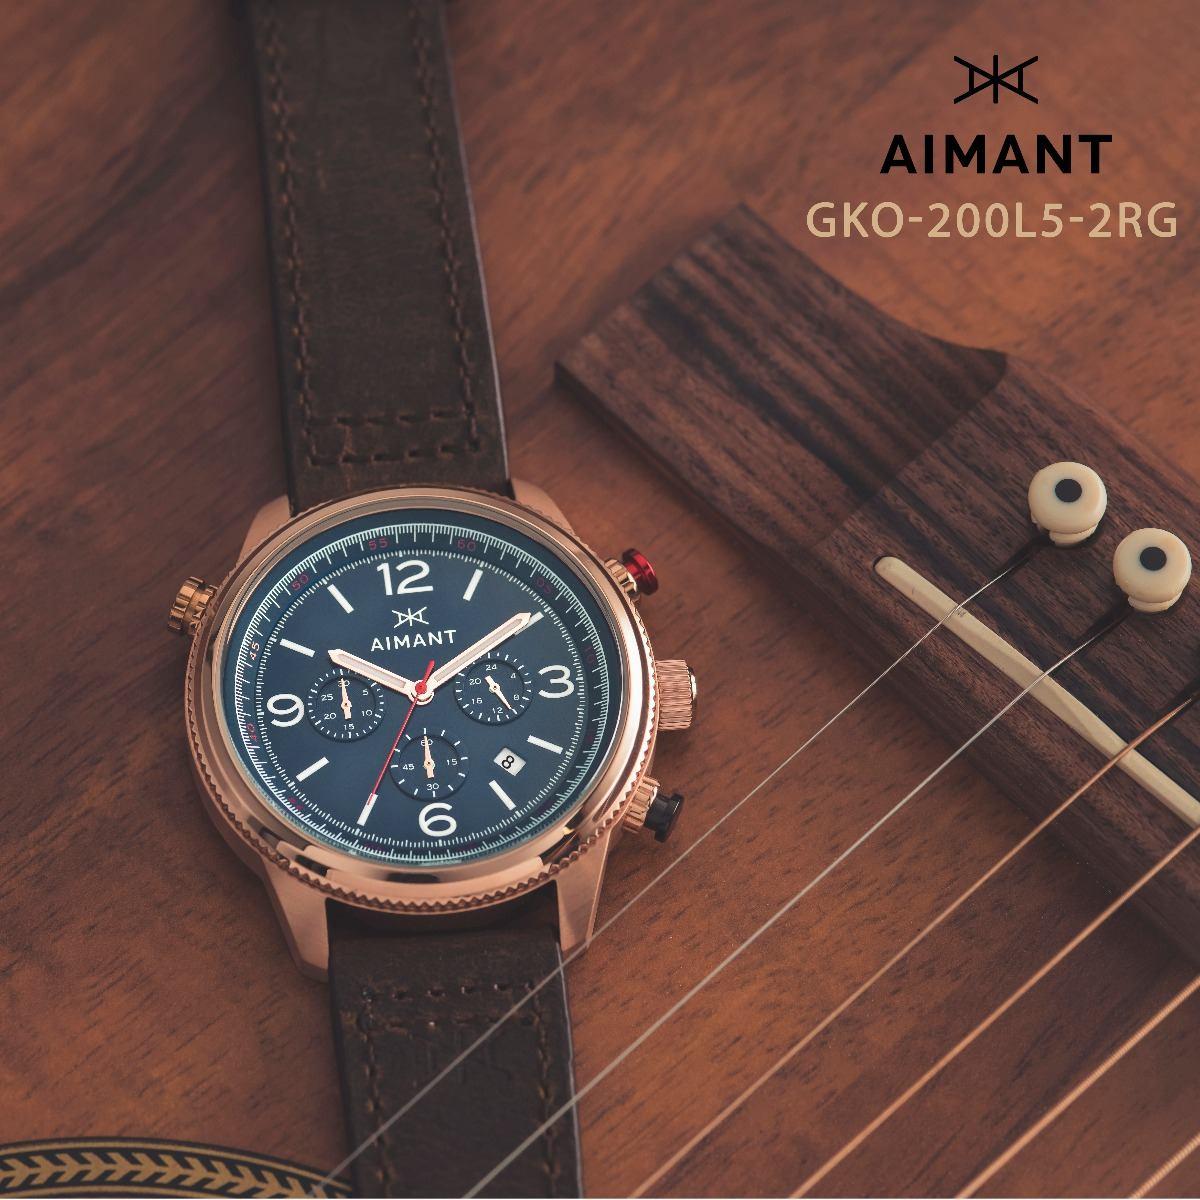 reloj-aimant-kotor-gko-200l5-2rg-cronografo-miyota-100m-wr-D_NQ_NP_643733-MLA25803402508_072017-F